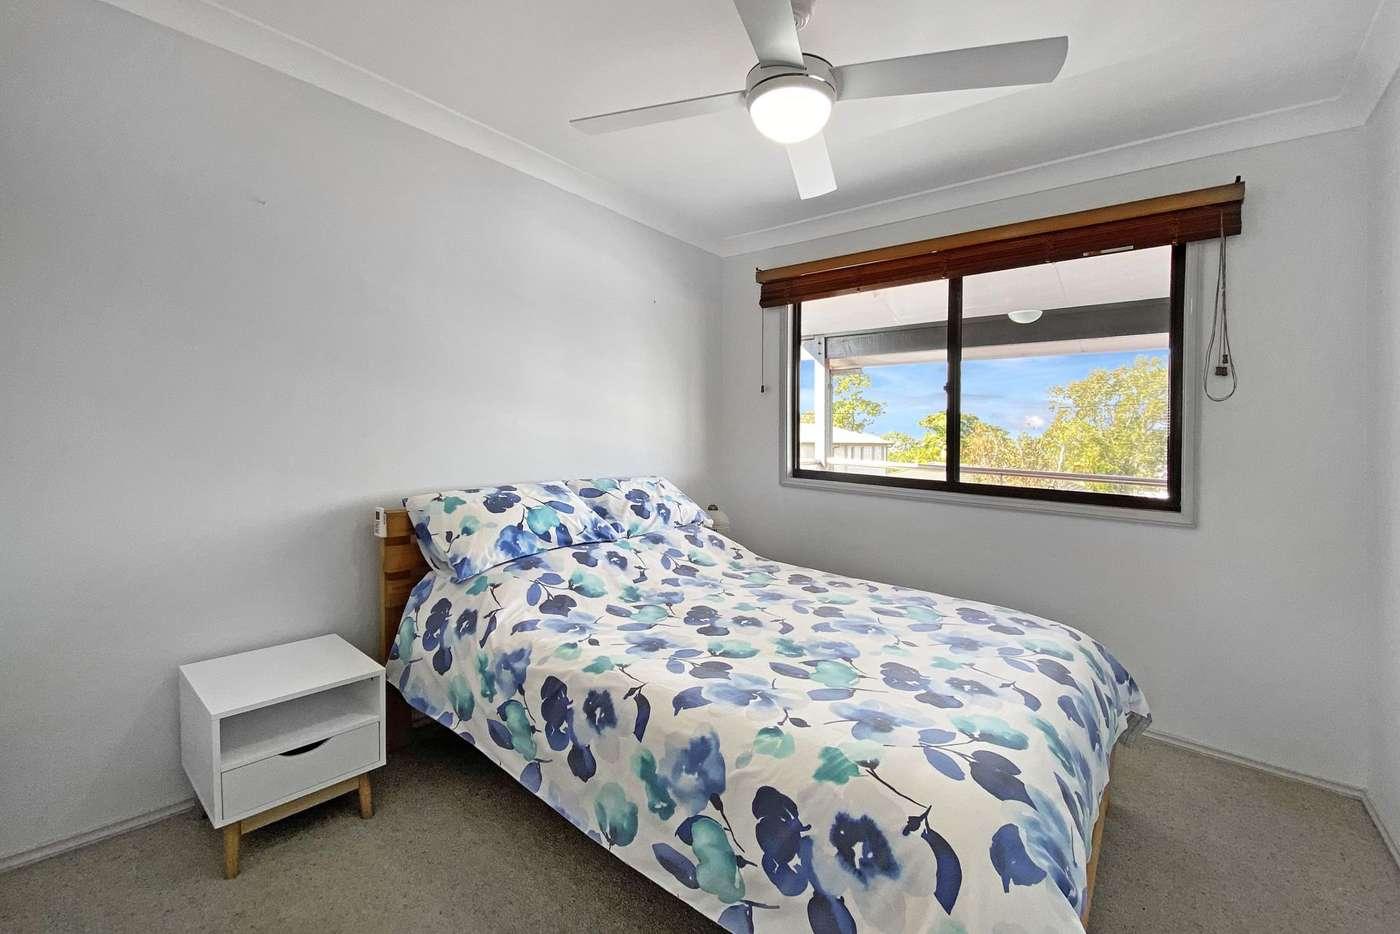 Seventh view of Homely house listing, 58 Huene Avenue, Halekulani NSW 2262